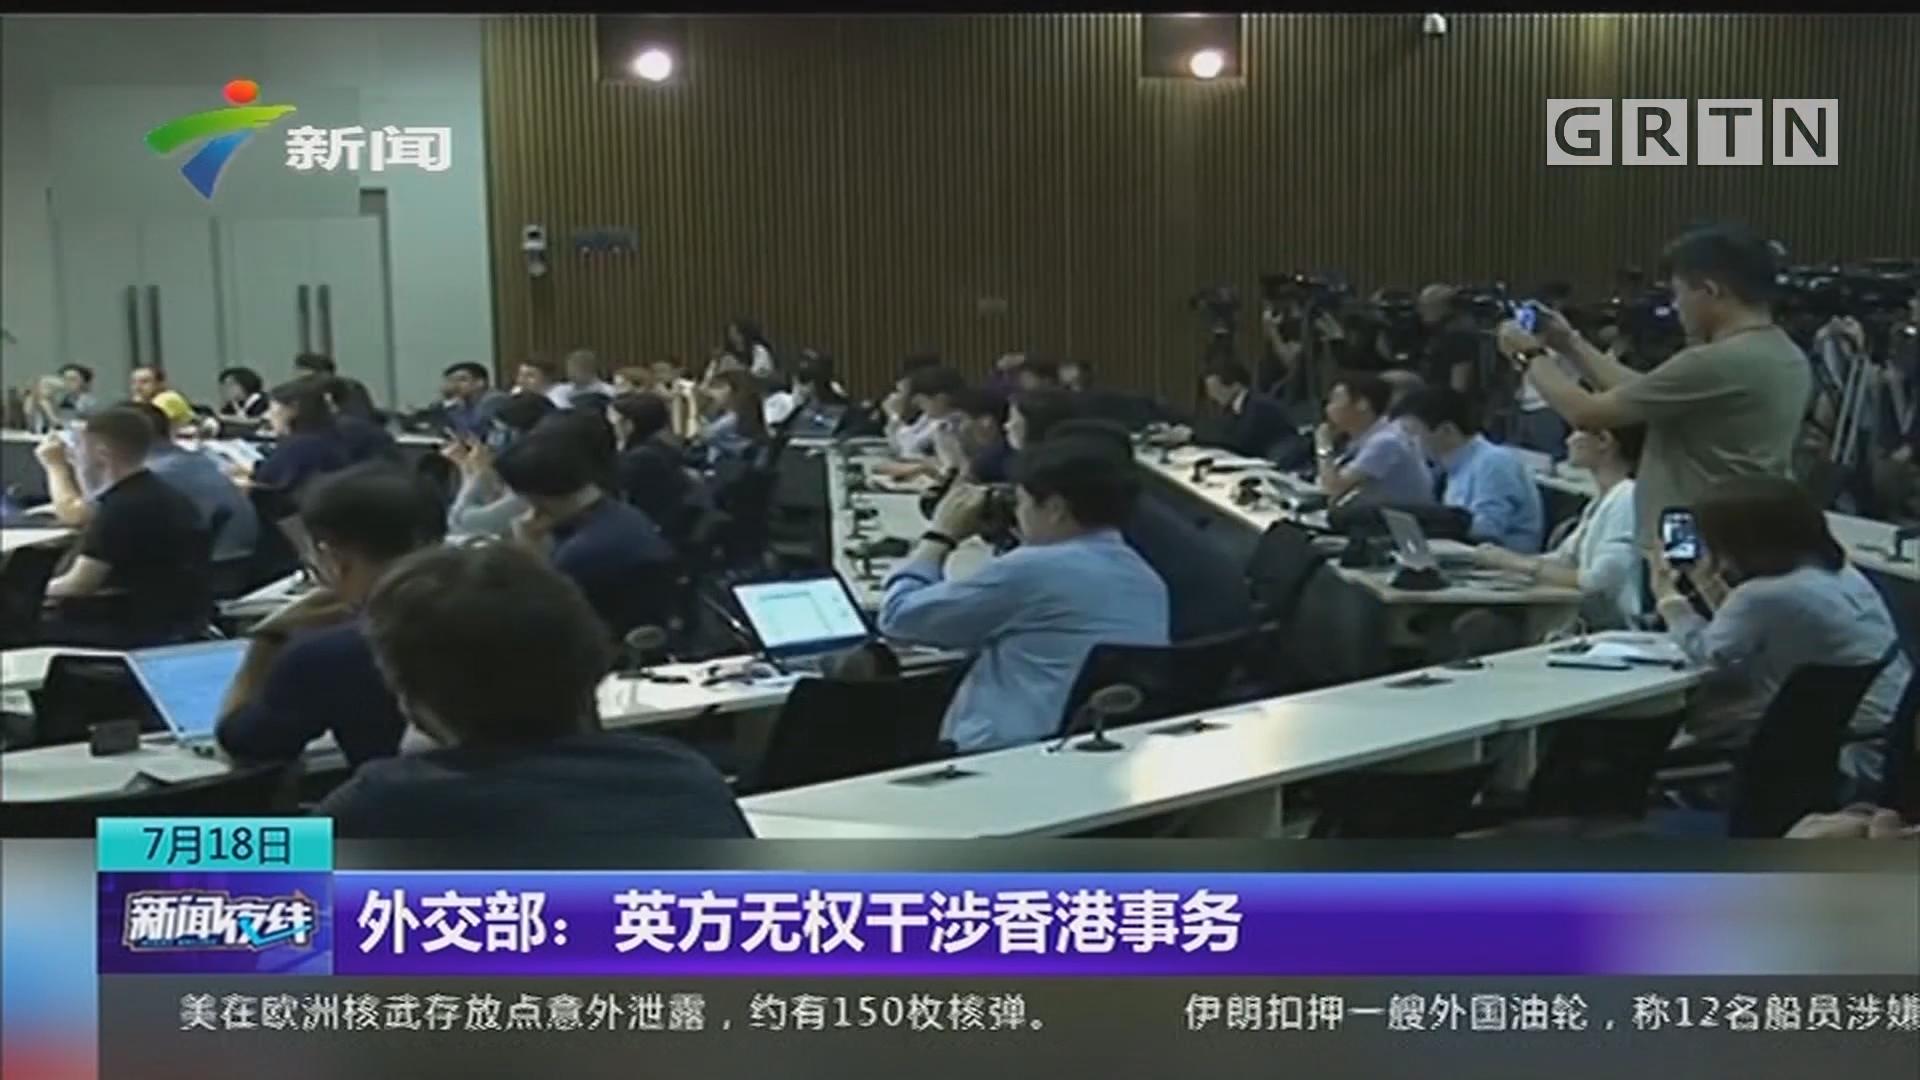 外交部:英方无权干涉香港事务